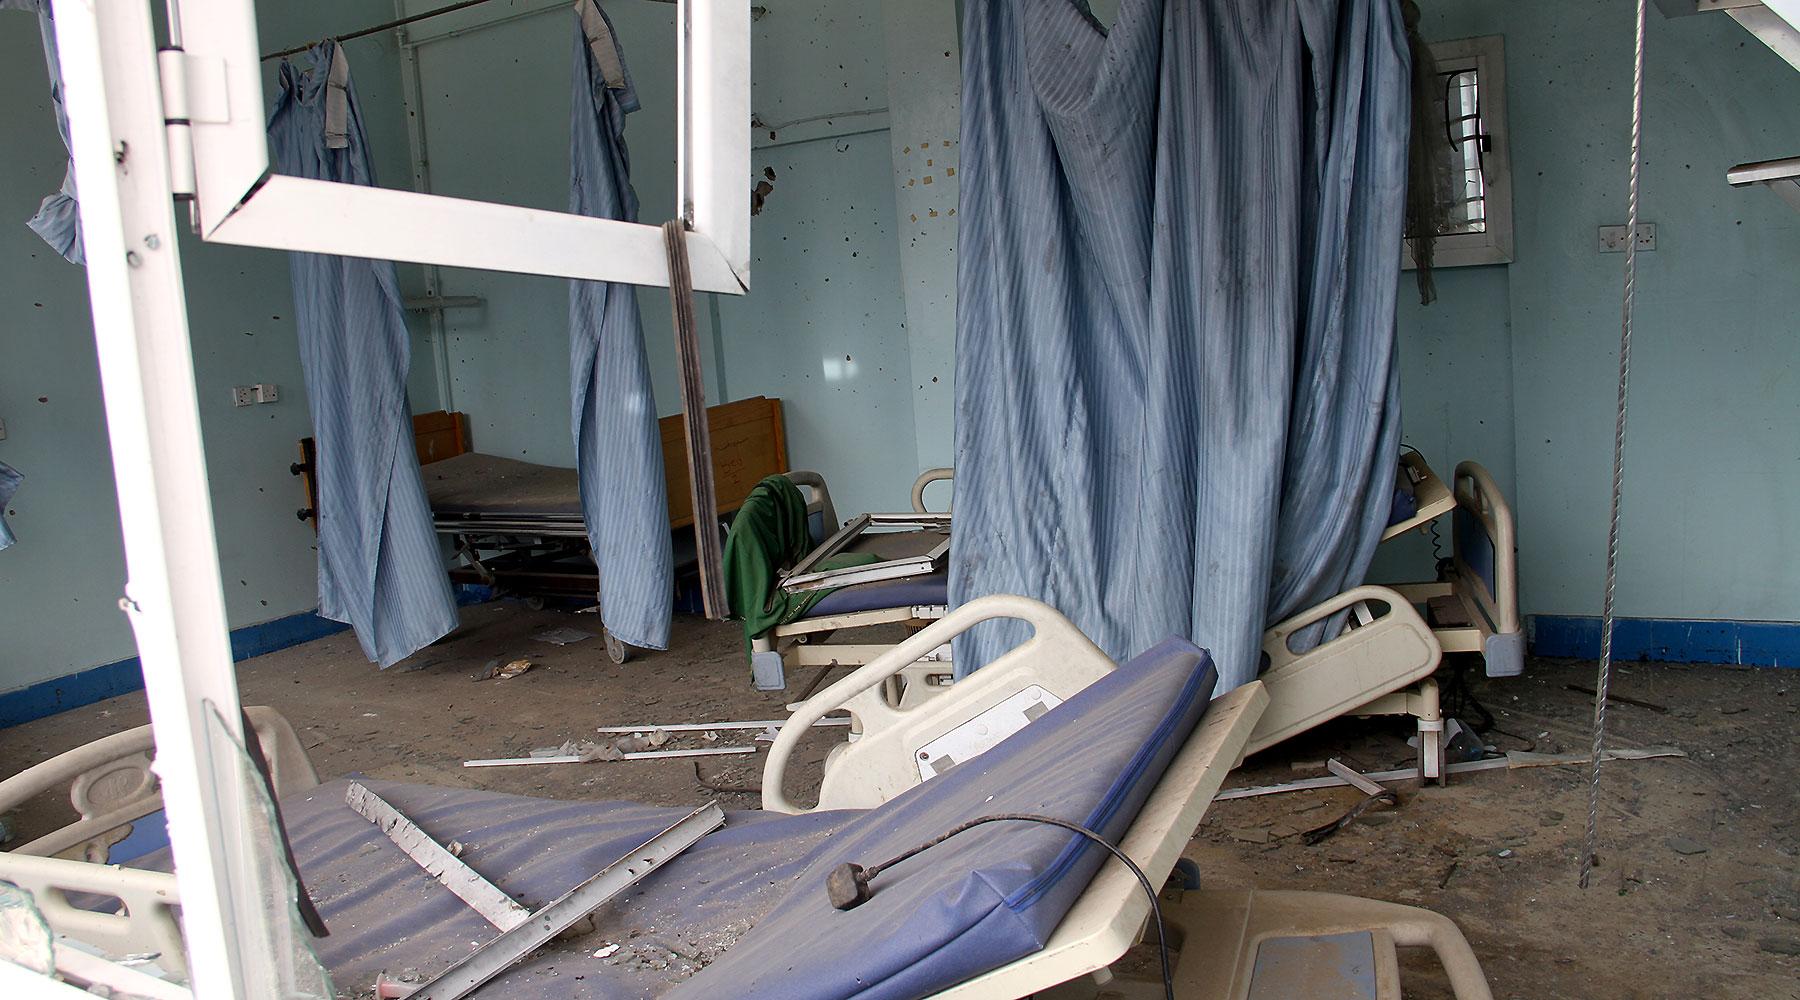 yemen-shelling-hospital-al-thawra-taiz-1